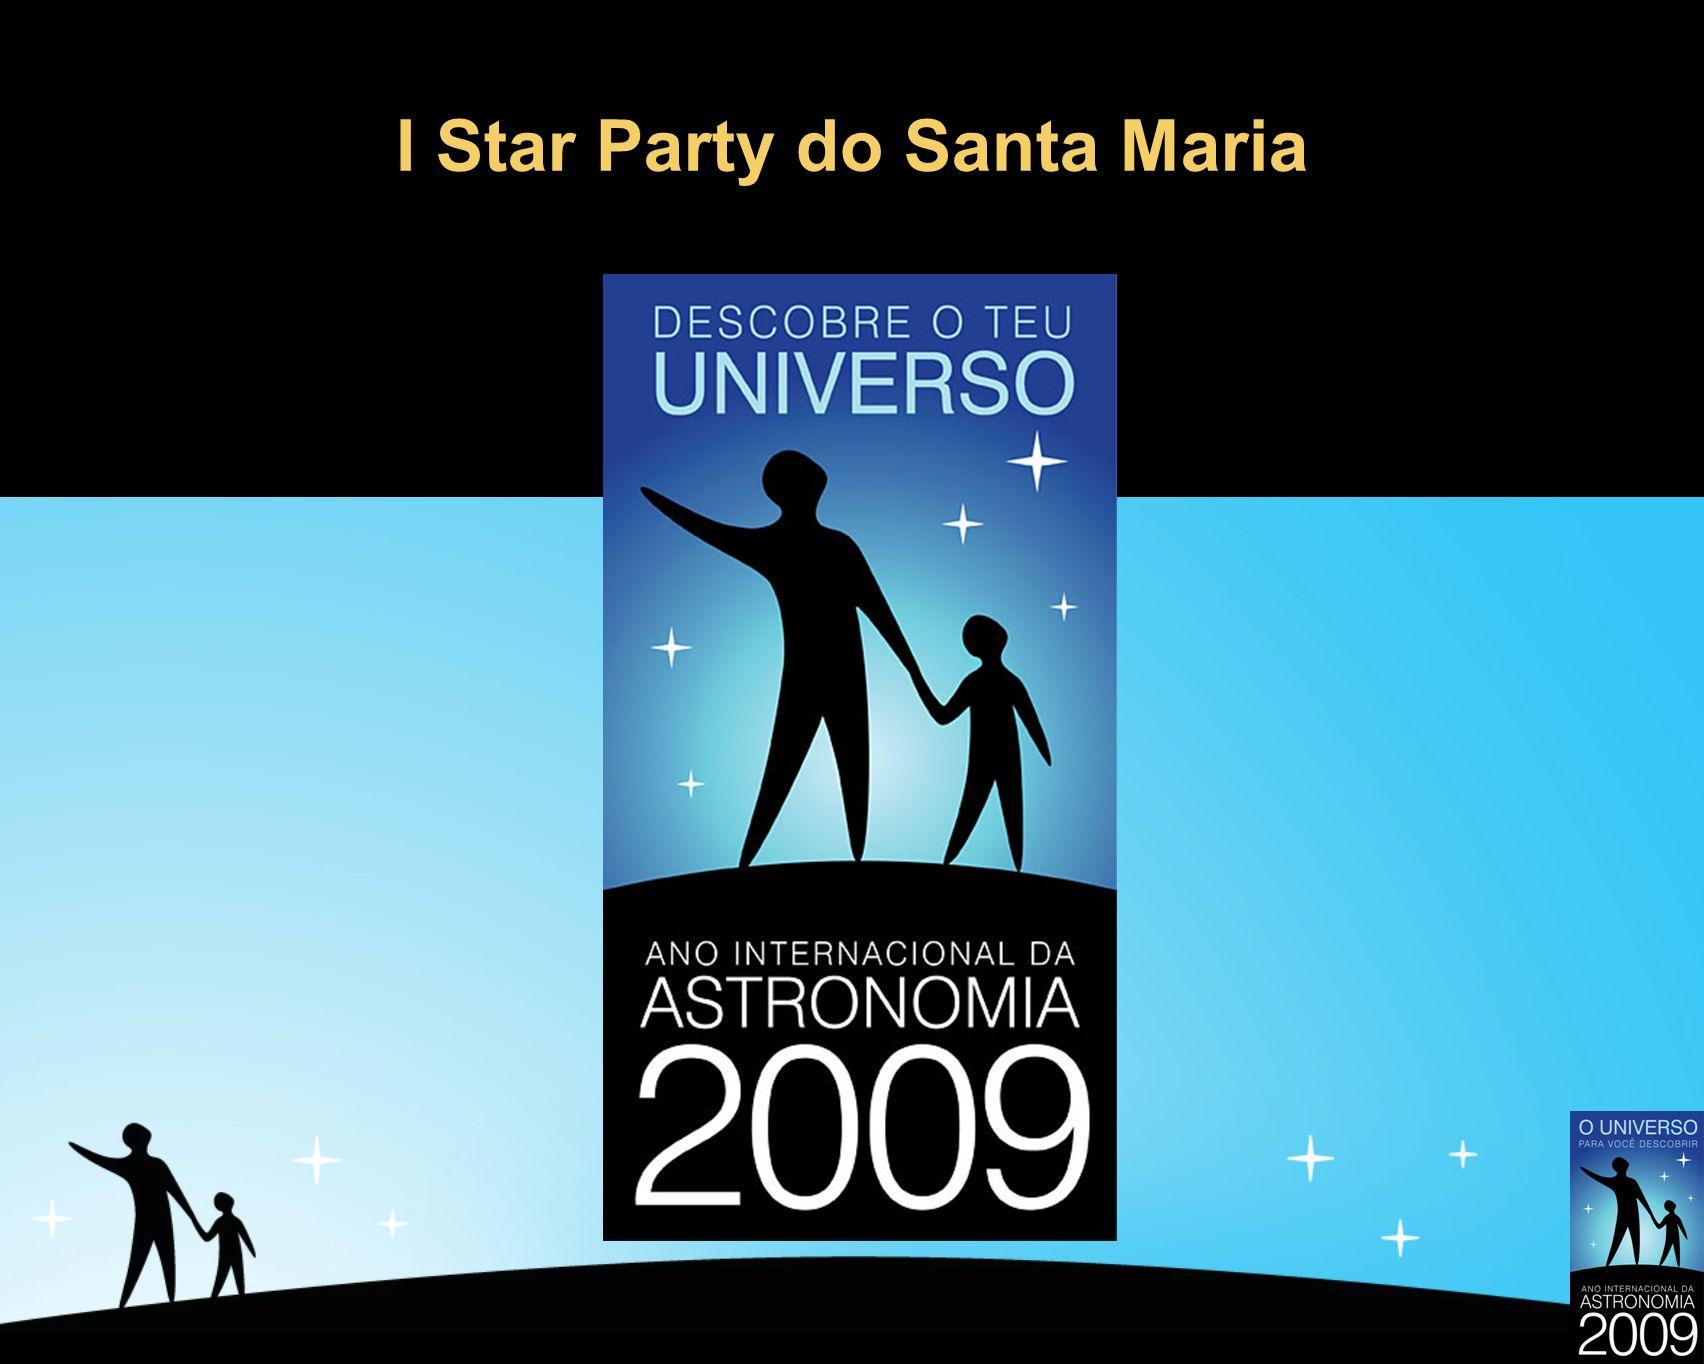 I Star Party do Santa Maria